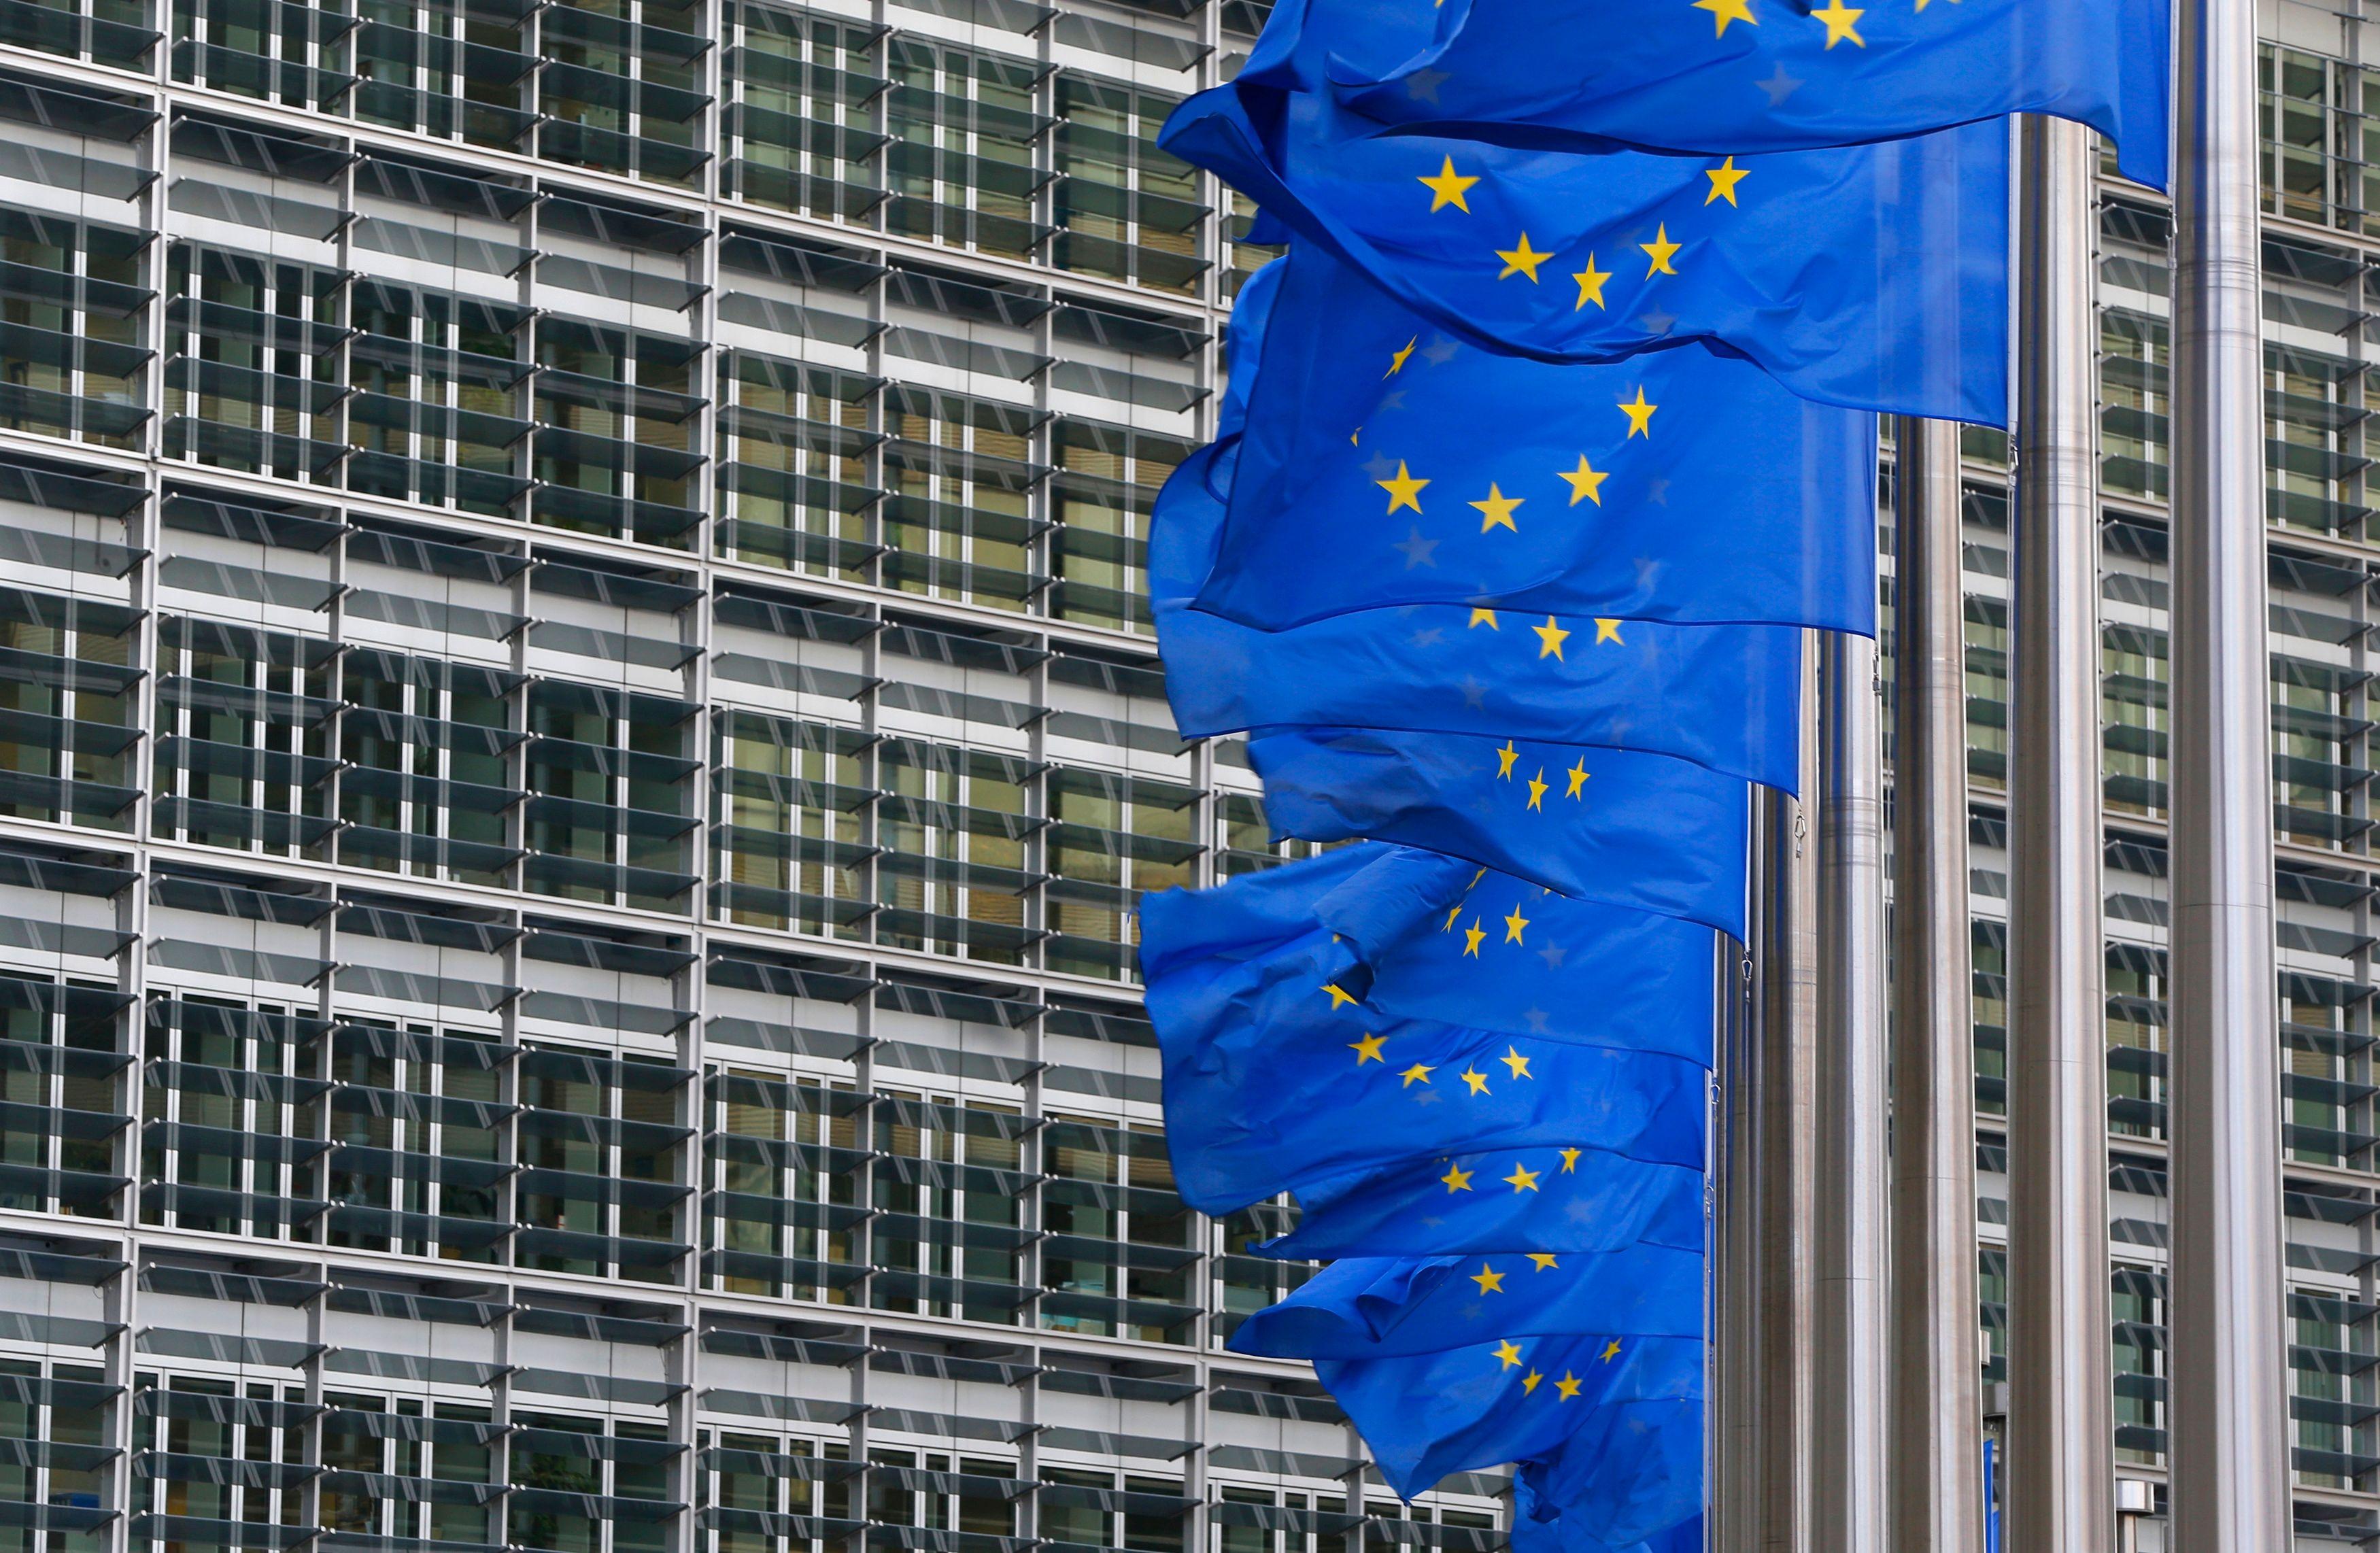 L'Europe inaugure ses propres impôts et c'est une bonne nouvelle... à condition de ne pas choisir les mauvais